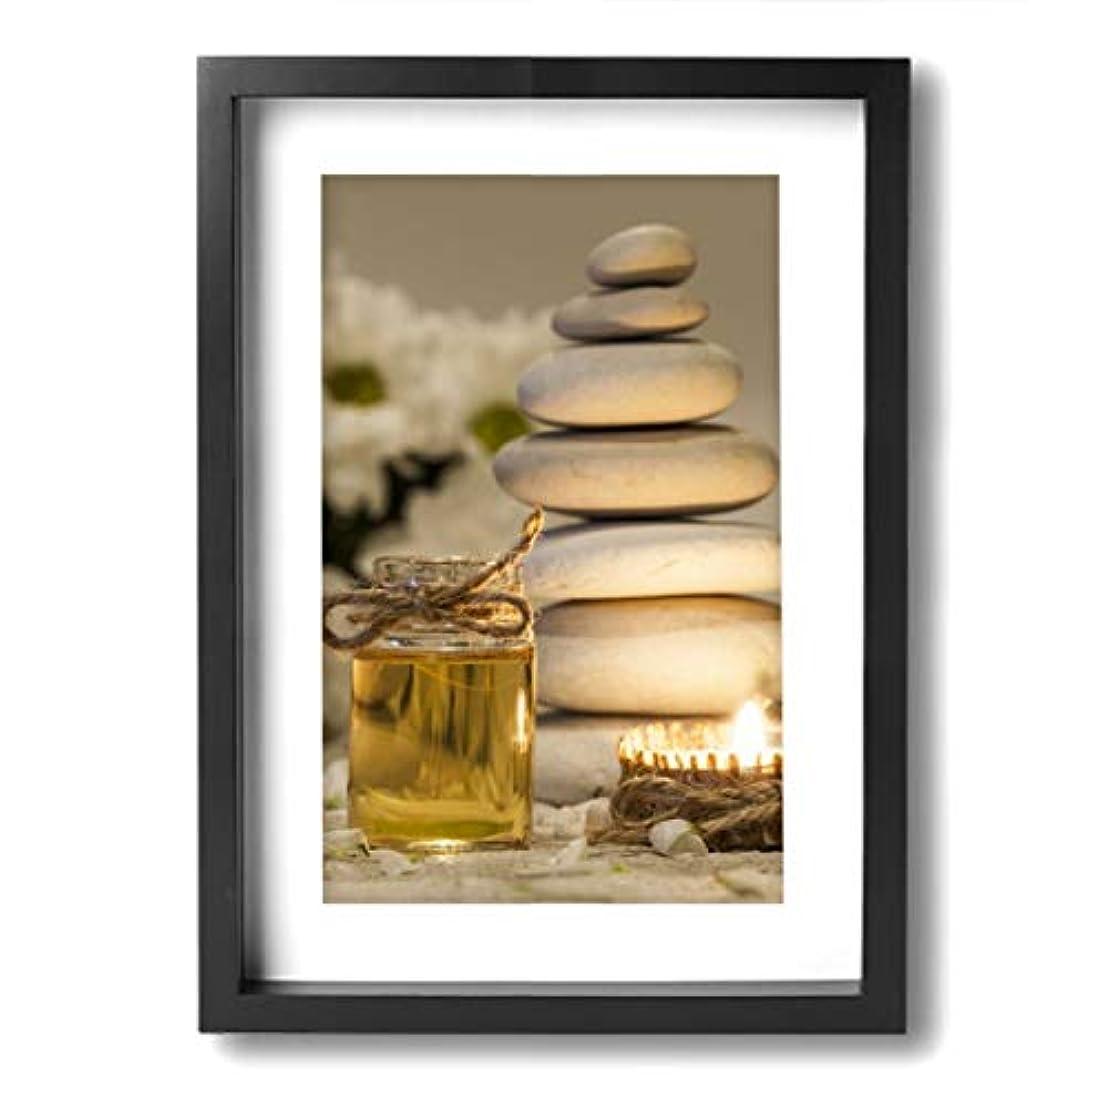 透明にアライメント圧縮魅力的な芸術 20x30cm Chamomile Essential Oil Chamomile Flowers キャンバスの壁アート 画像プリント絵画リビングルームの壁の装飾と家の装飾のための現代アートワークハングする...